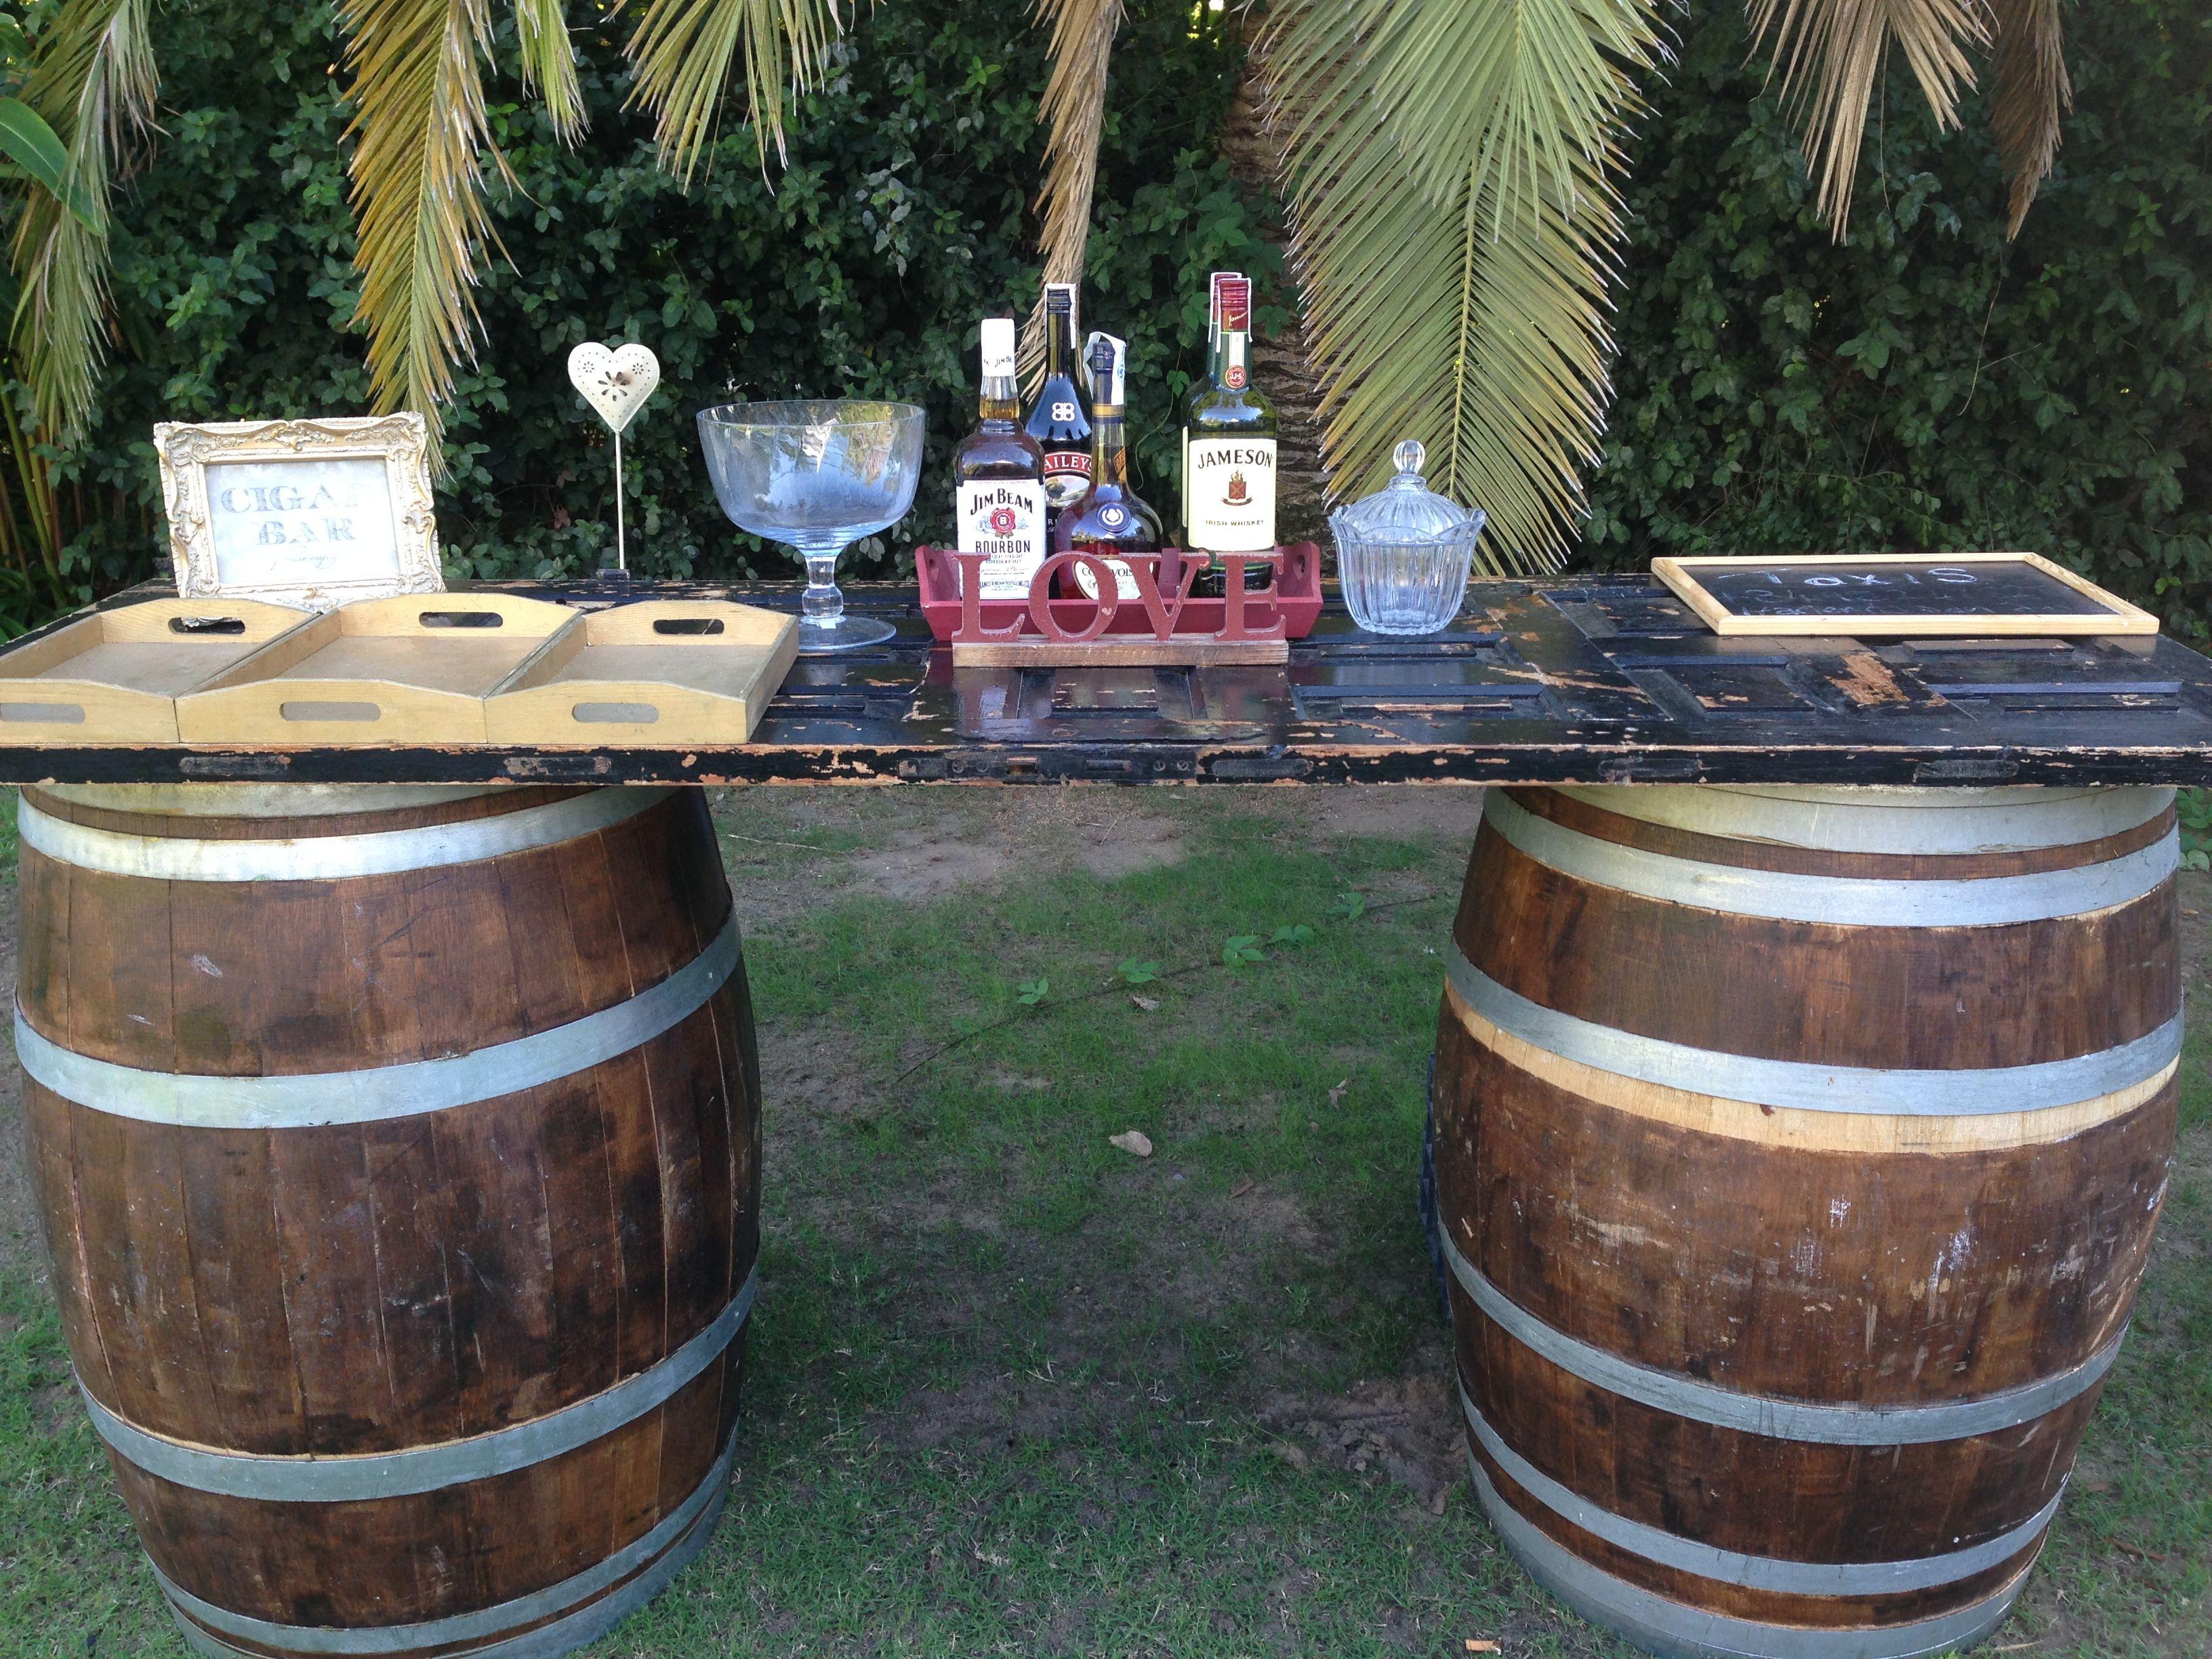 Con barriles por Fiestasol